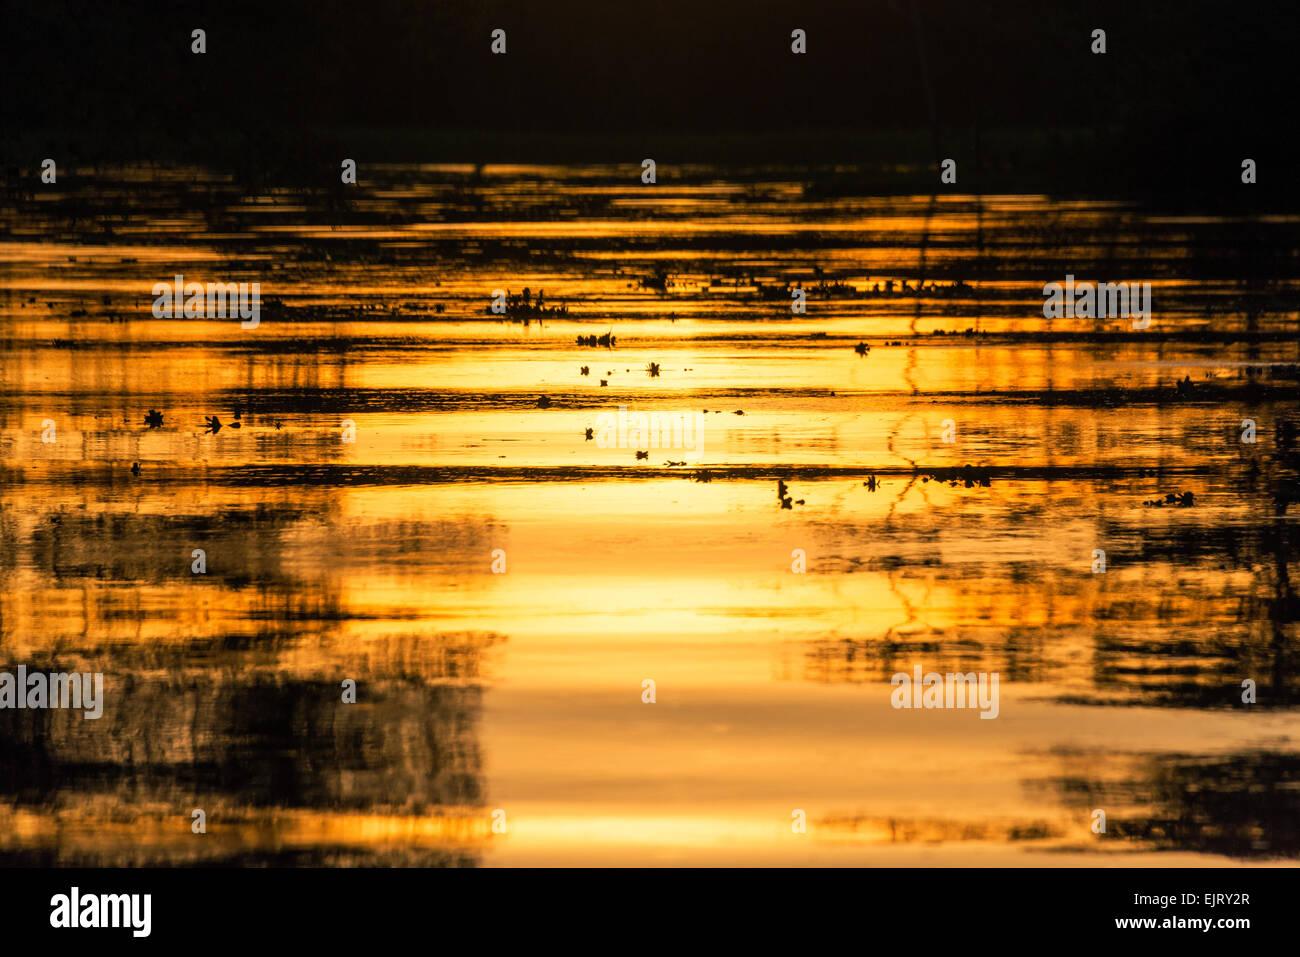 Vista de un color anaranjado fuego atardecer reflejándose en un río en el bosque lluvioso del Amazonas cerca de Iquitos, Perú Foto de stock